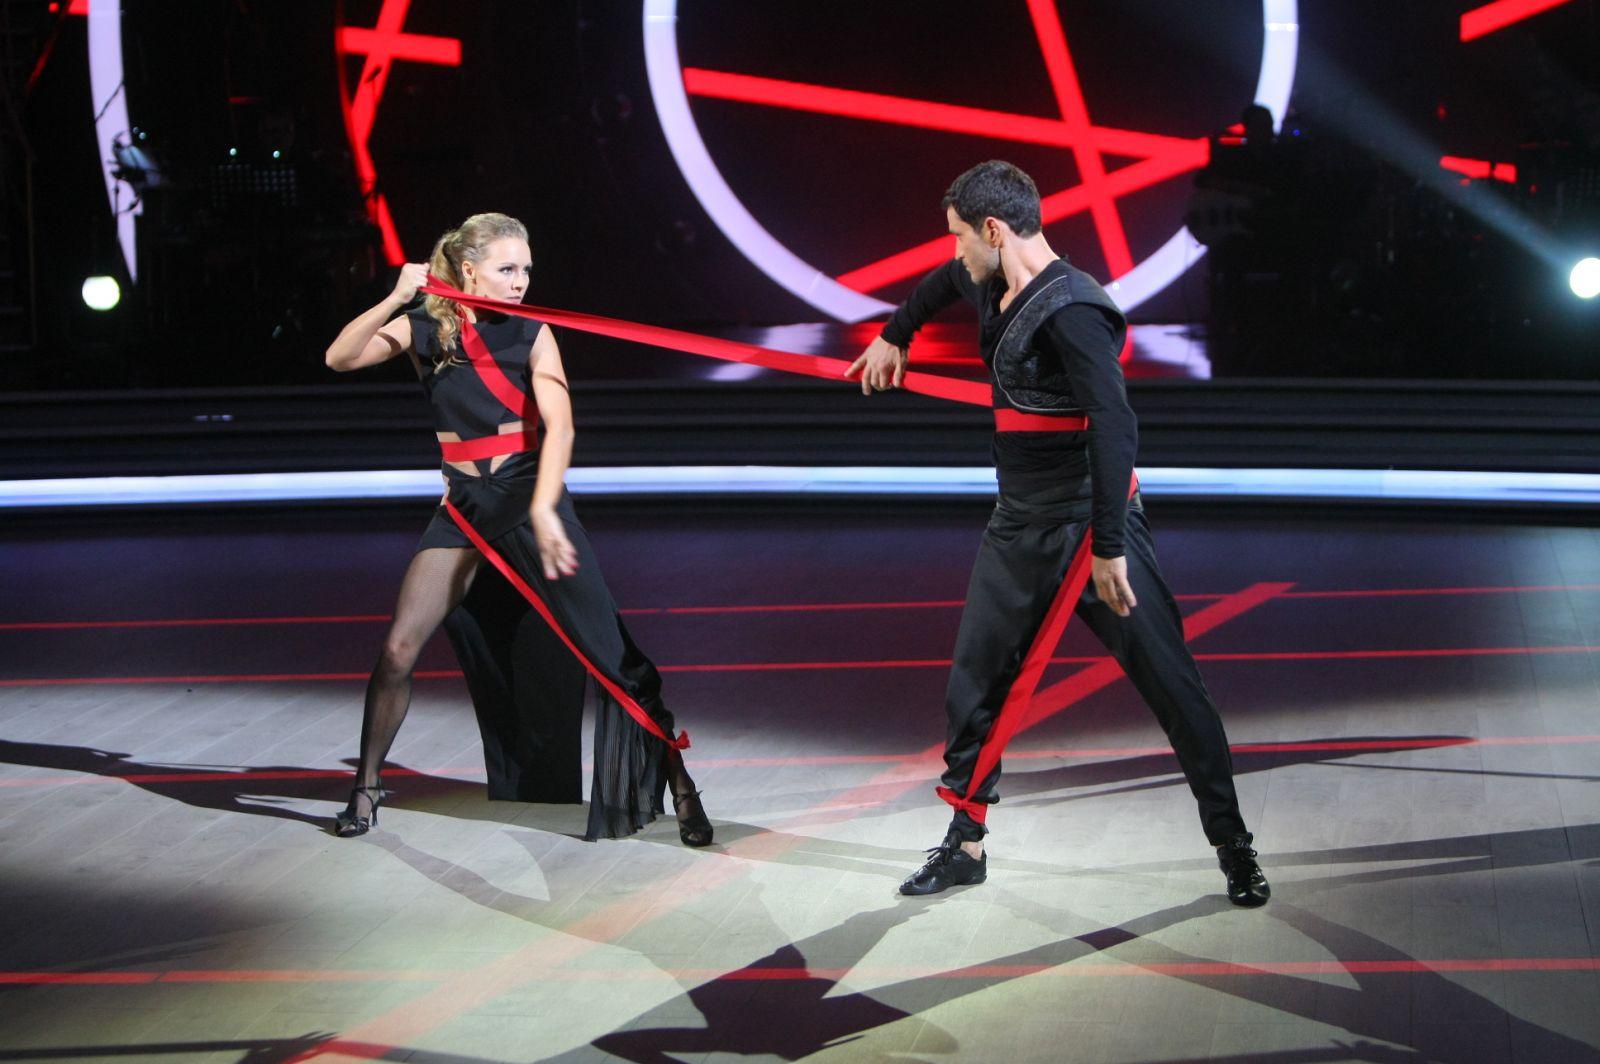 Танці з зірками. Ахтем Сеитаблаев и Алена Шоптенко